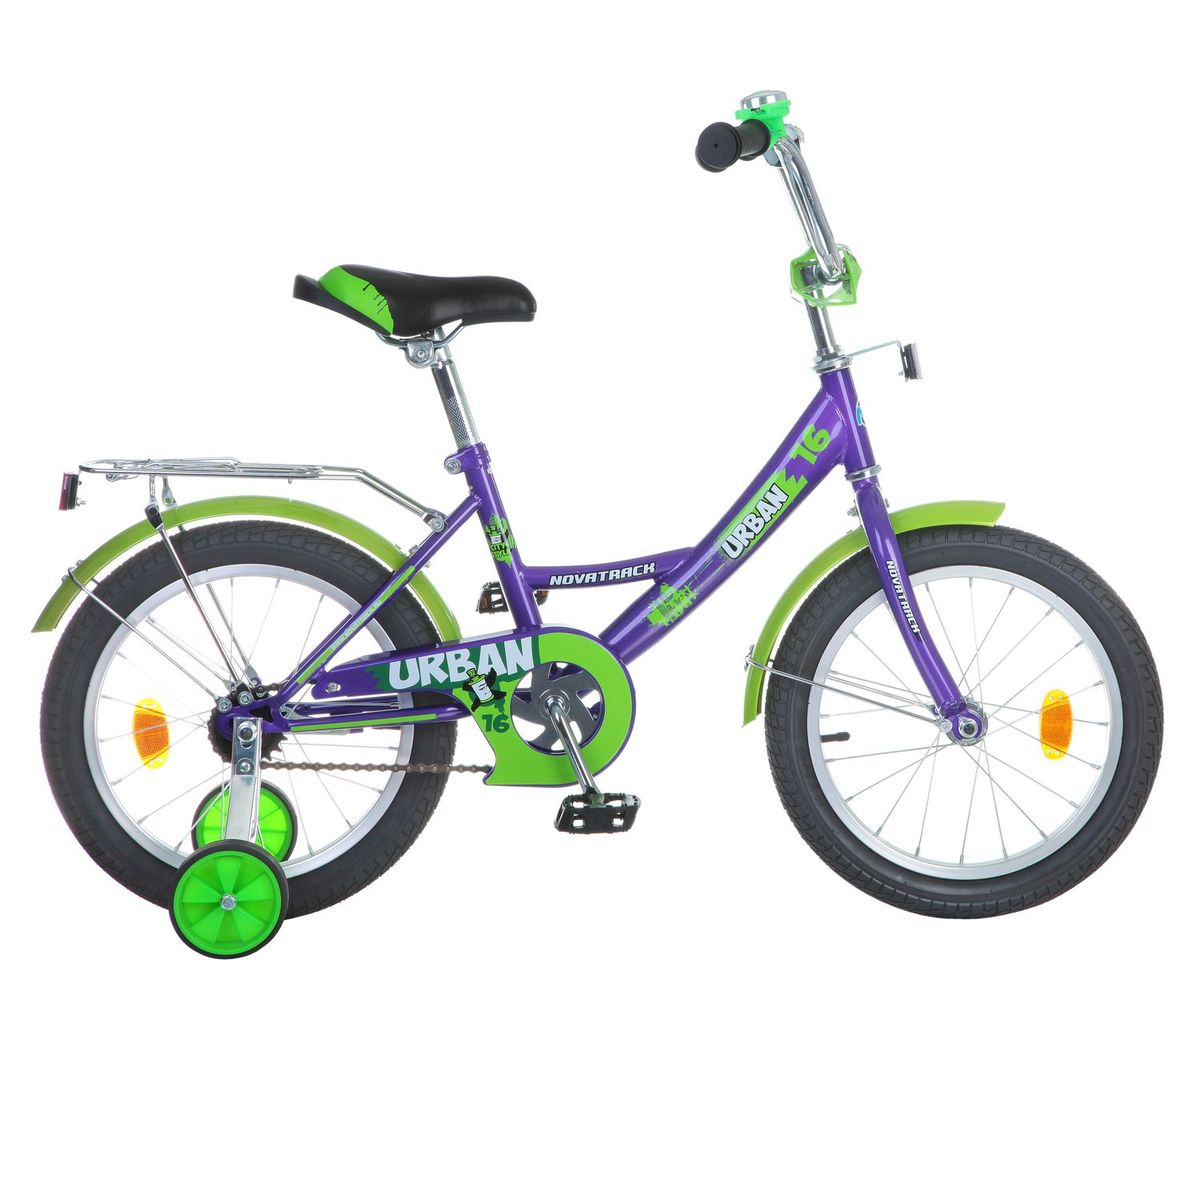 Велосипед детский Novatrack Urban, цвет: фиолетовый, зеленый, 16163URBAN.VL6Велосипед Novatrack Urban c 16-дюймовыми колесами это надежный велосипед для ребят 5-7 лет. Высокое качество сборки гарантирует, что велосипед прослужит долго, даже если ваш ребенок будет гонять на нем ежедневно по несколько часов подряд. Велосипед оснащен защитой цепи, которая не позволит ногам и одежде попасть в механизм. Велосипед оборудован багажником обязательным атрибутом любого детского велосипеда. Для безопасности установлено целых 4 светоотражателя задний, передний и по одному на каждом из основных колес. Колеса закрыты крыльями, которые защитят ребенка от грязи и брызг. А ножной тормоз позволит быстро остановиться, в случае необходимости.Какой велосипед выбрать? Статья OZON Гид